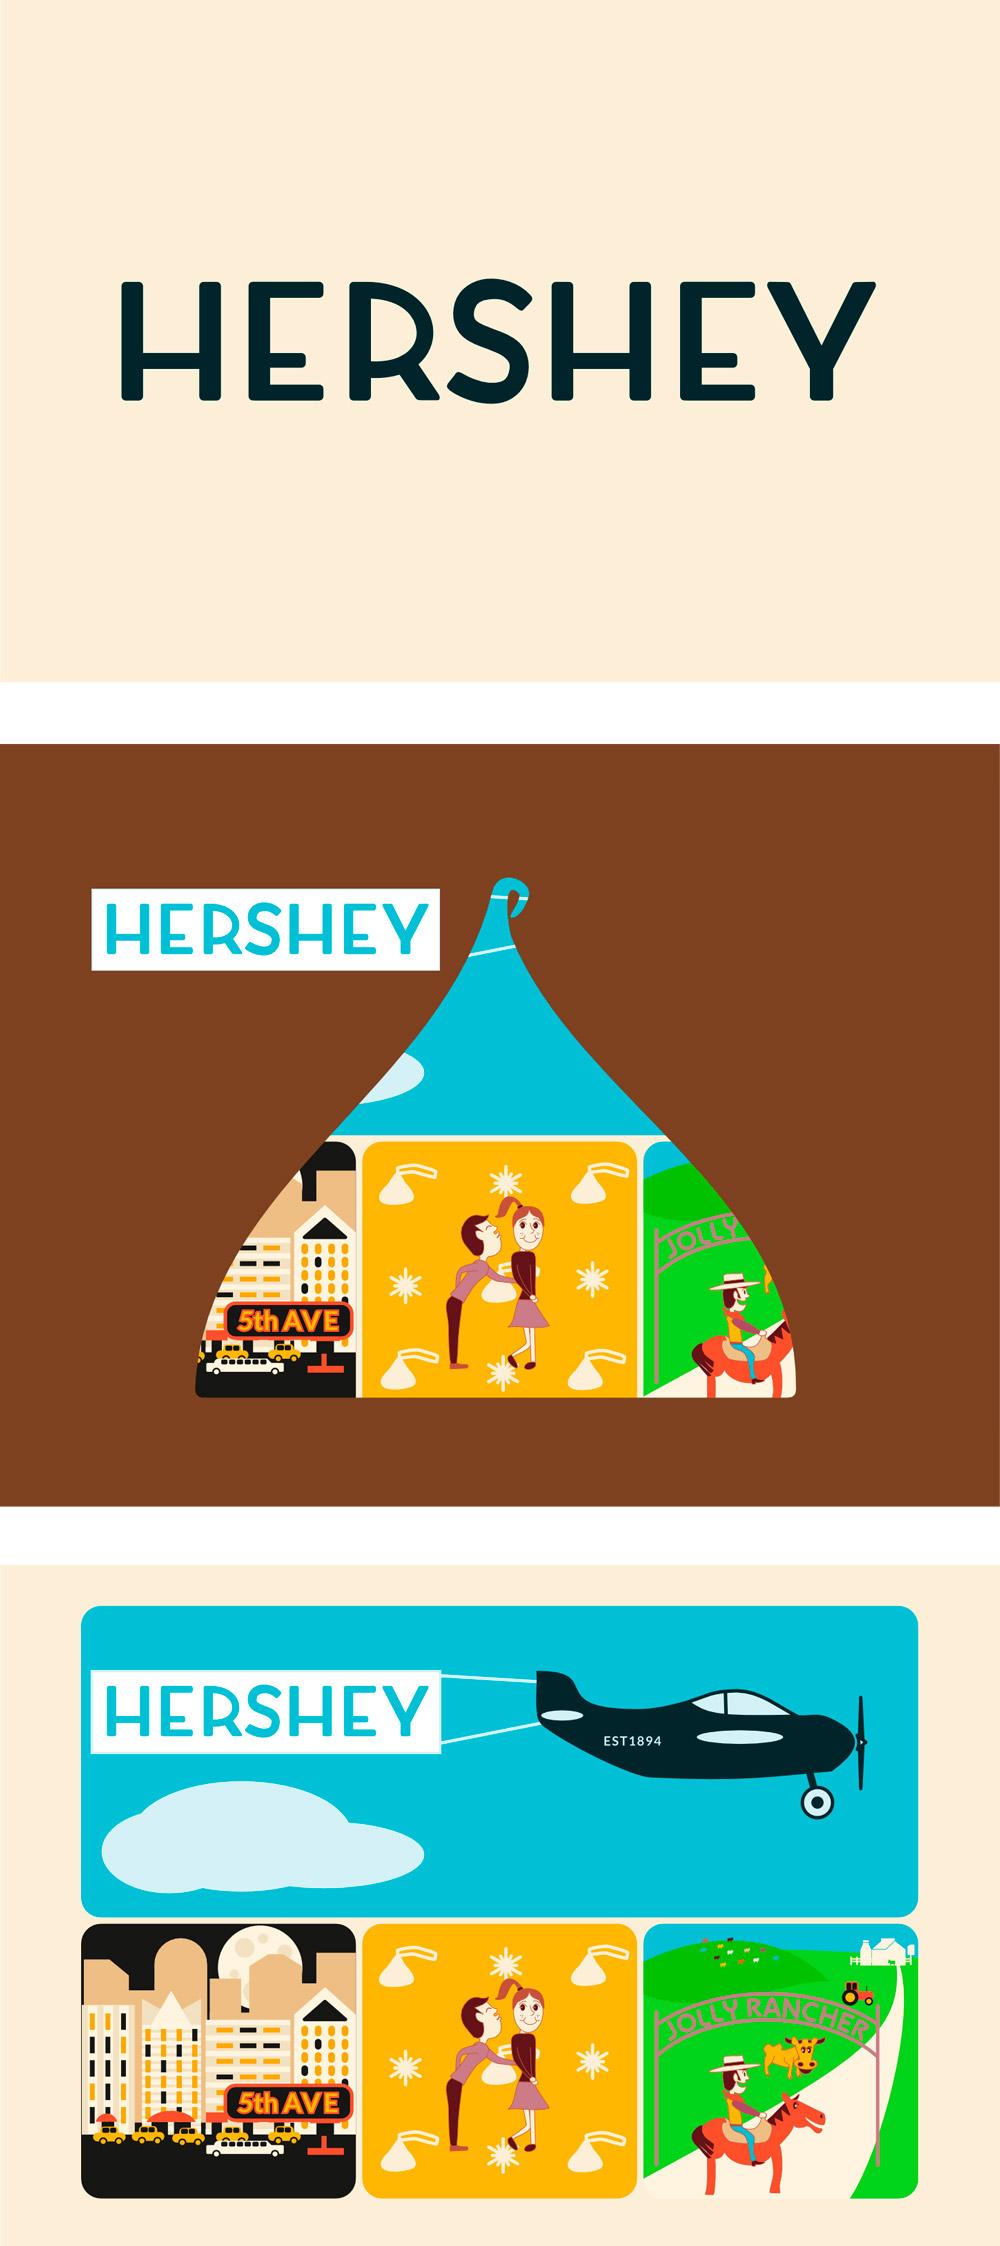 novo-logo-da-hersheys-revisitado 04